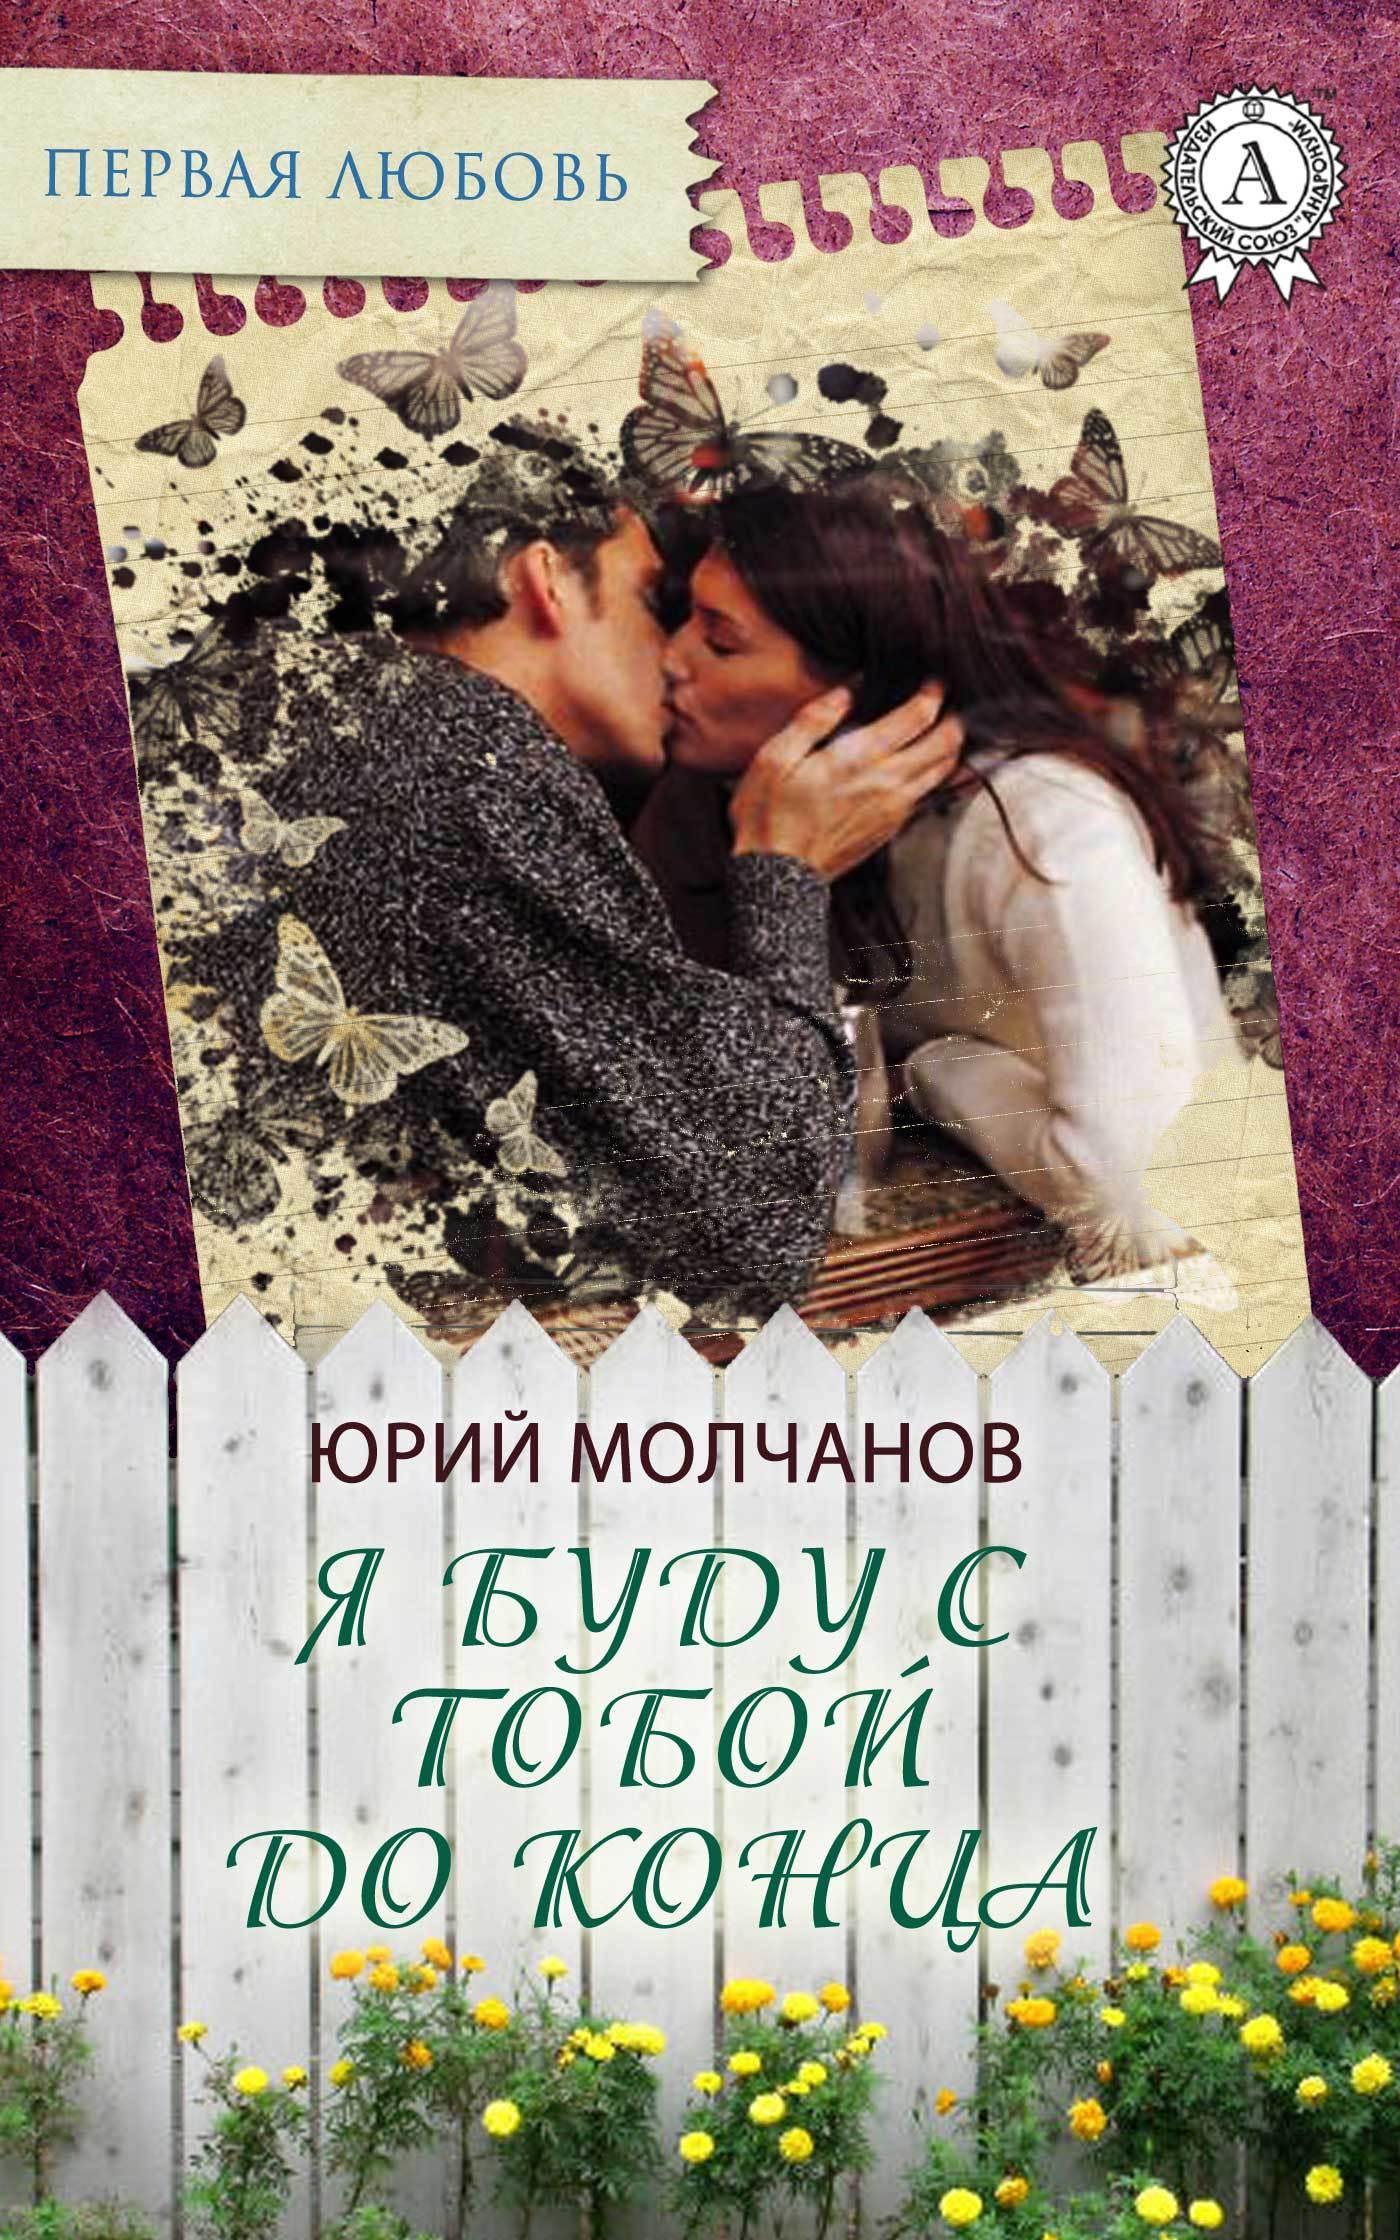 Юрий Молчанов Я буду с тобой до конца аполлинер гийом убиенный поэт повести